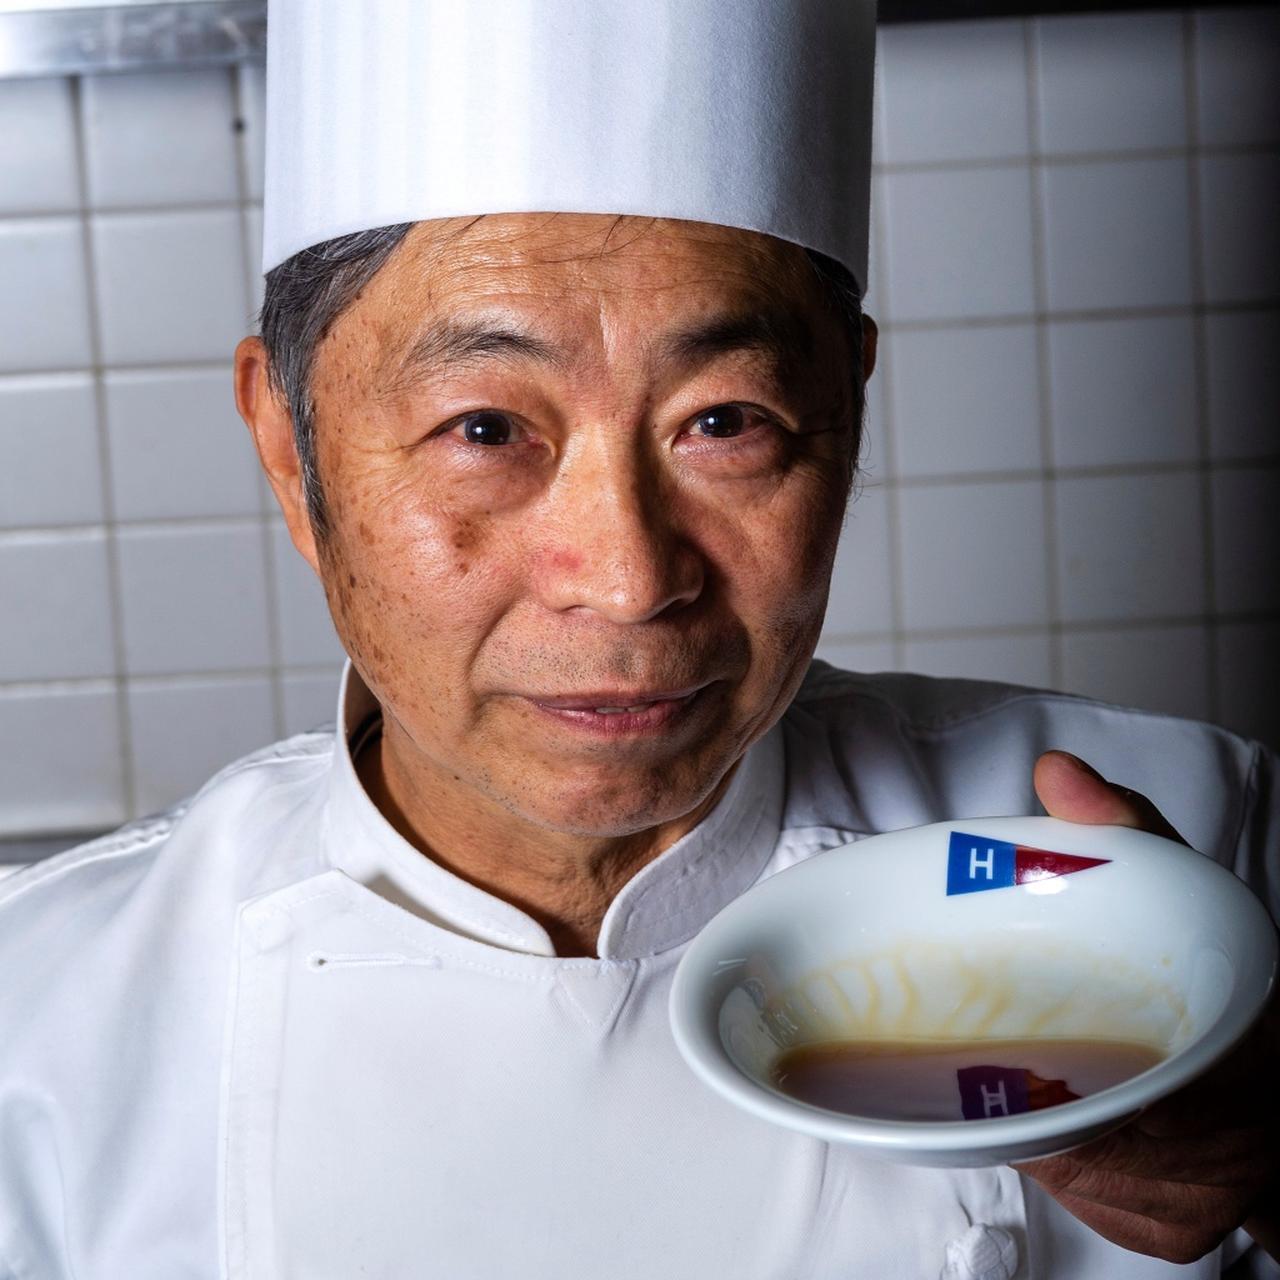 """画像: 隠し味はみりんと醤油1:1の割り下を。""""和""""のテイストを入れ、日本人好みの味に仕上げ、最後に焼いた鶏肉と玉ねぎを加える"""